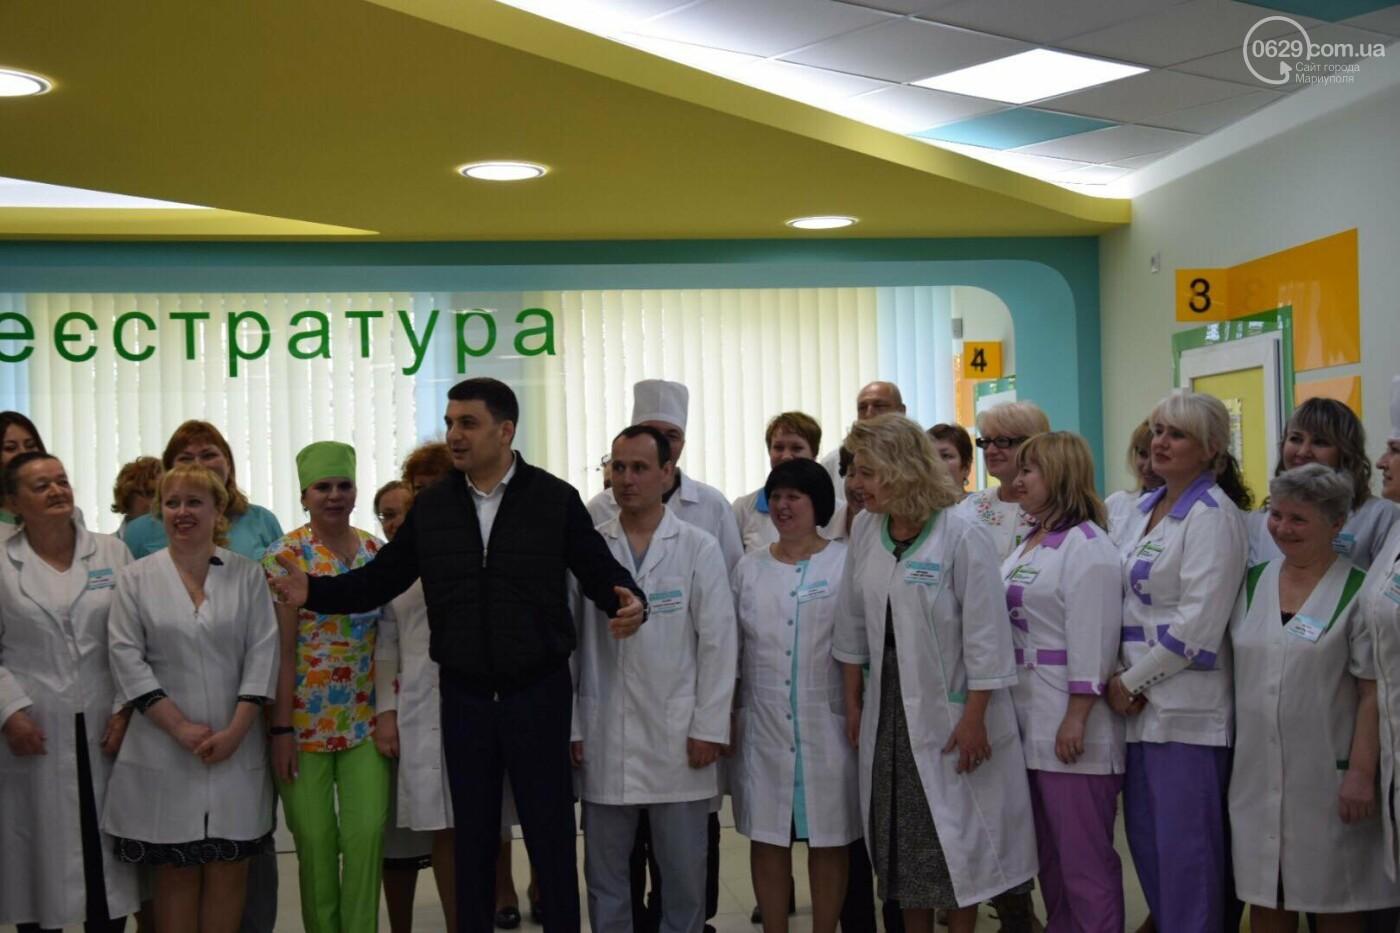 В Мариуполе Владимир Гройсман открыл детскую поликлинику и познакомился с Сережей, - ФОТОРЕПОРТАЖ, ВИДЕО, фото-40